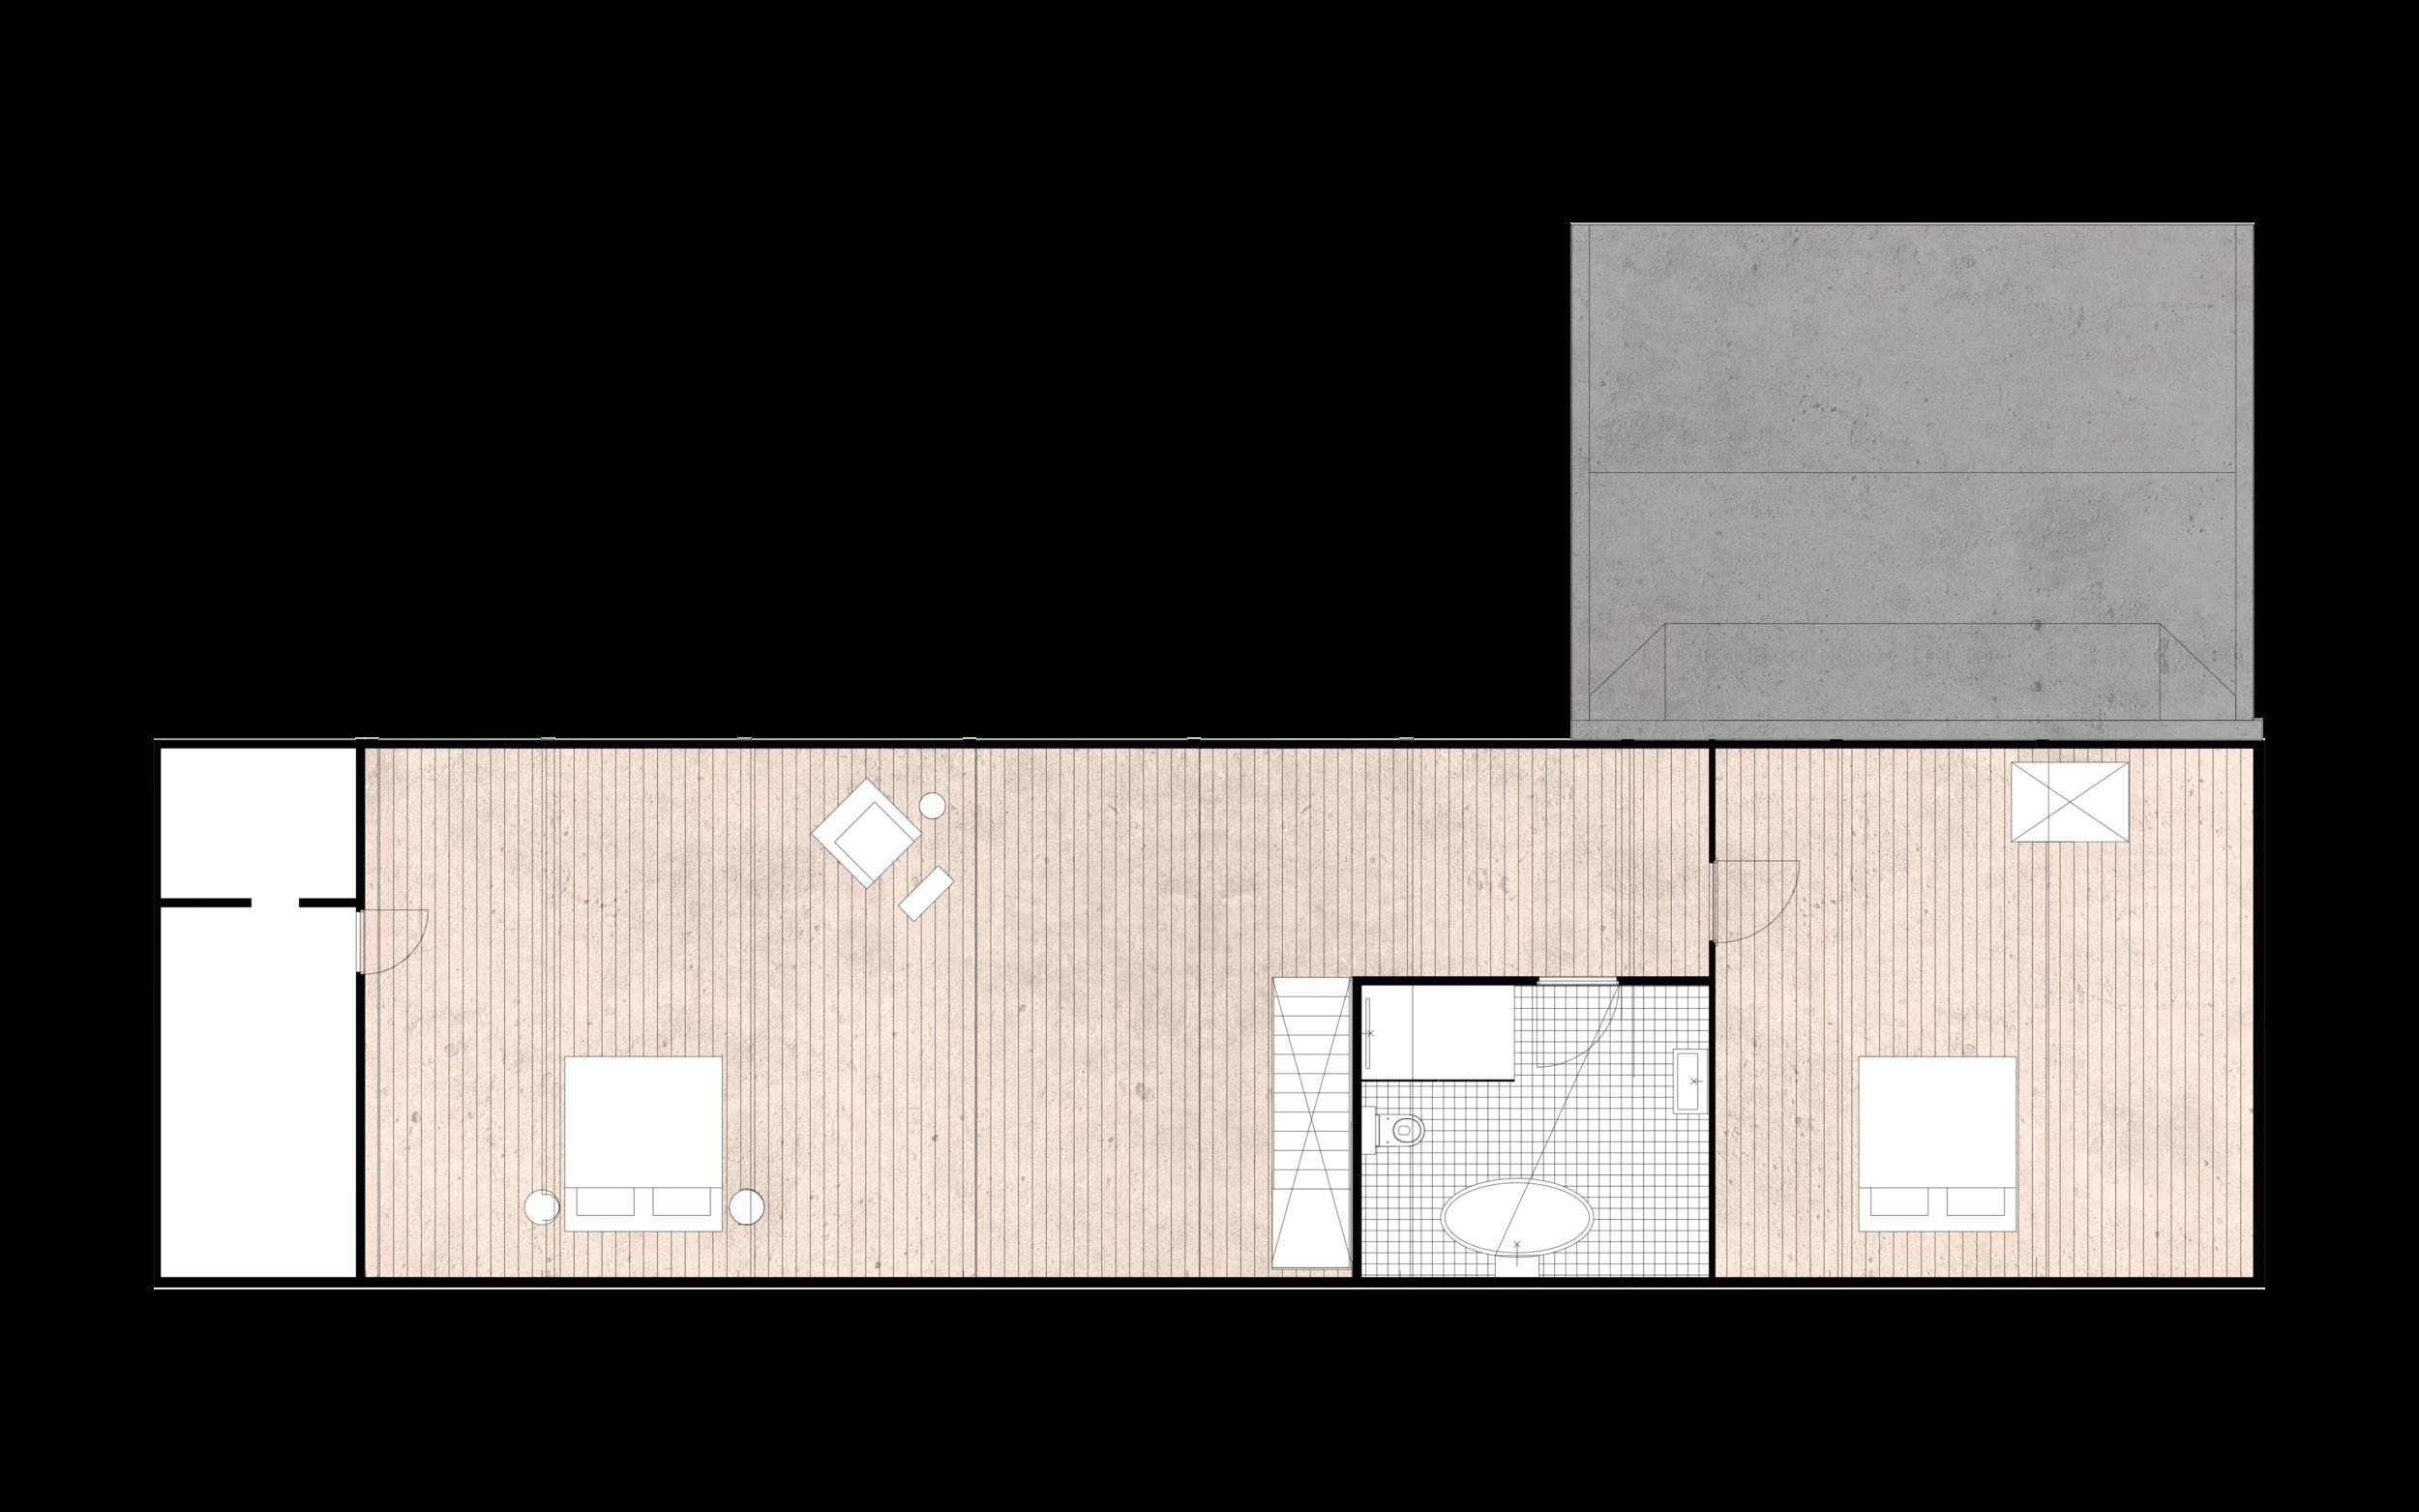 Koetshuis plattegrond verdieping met slaapkamer en badkamer